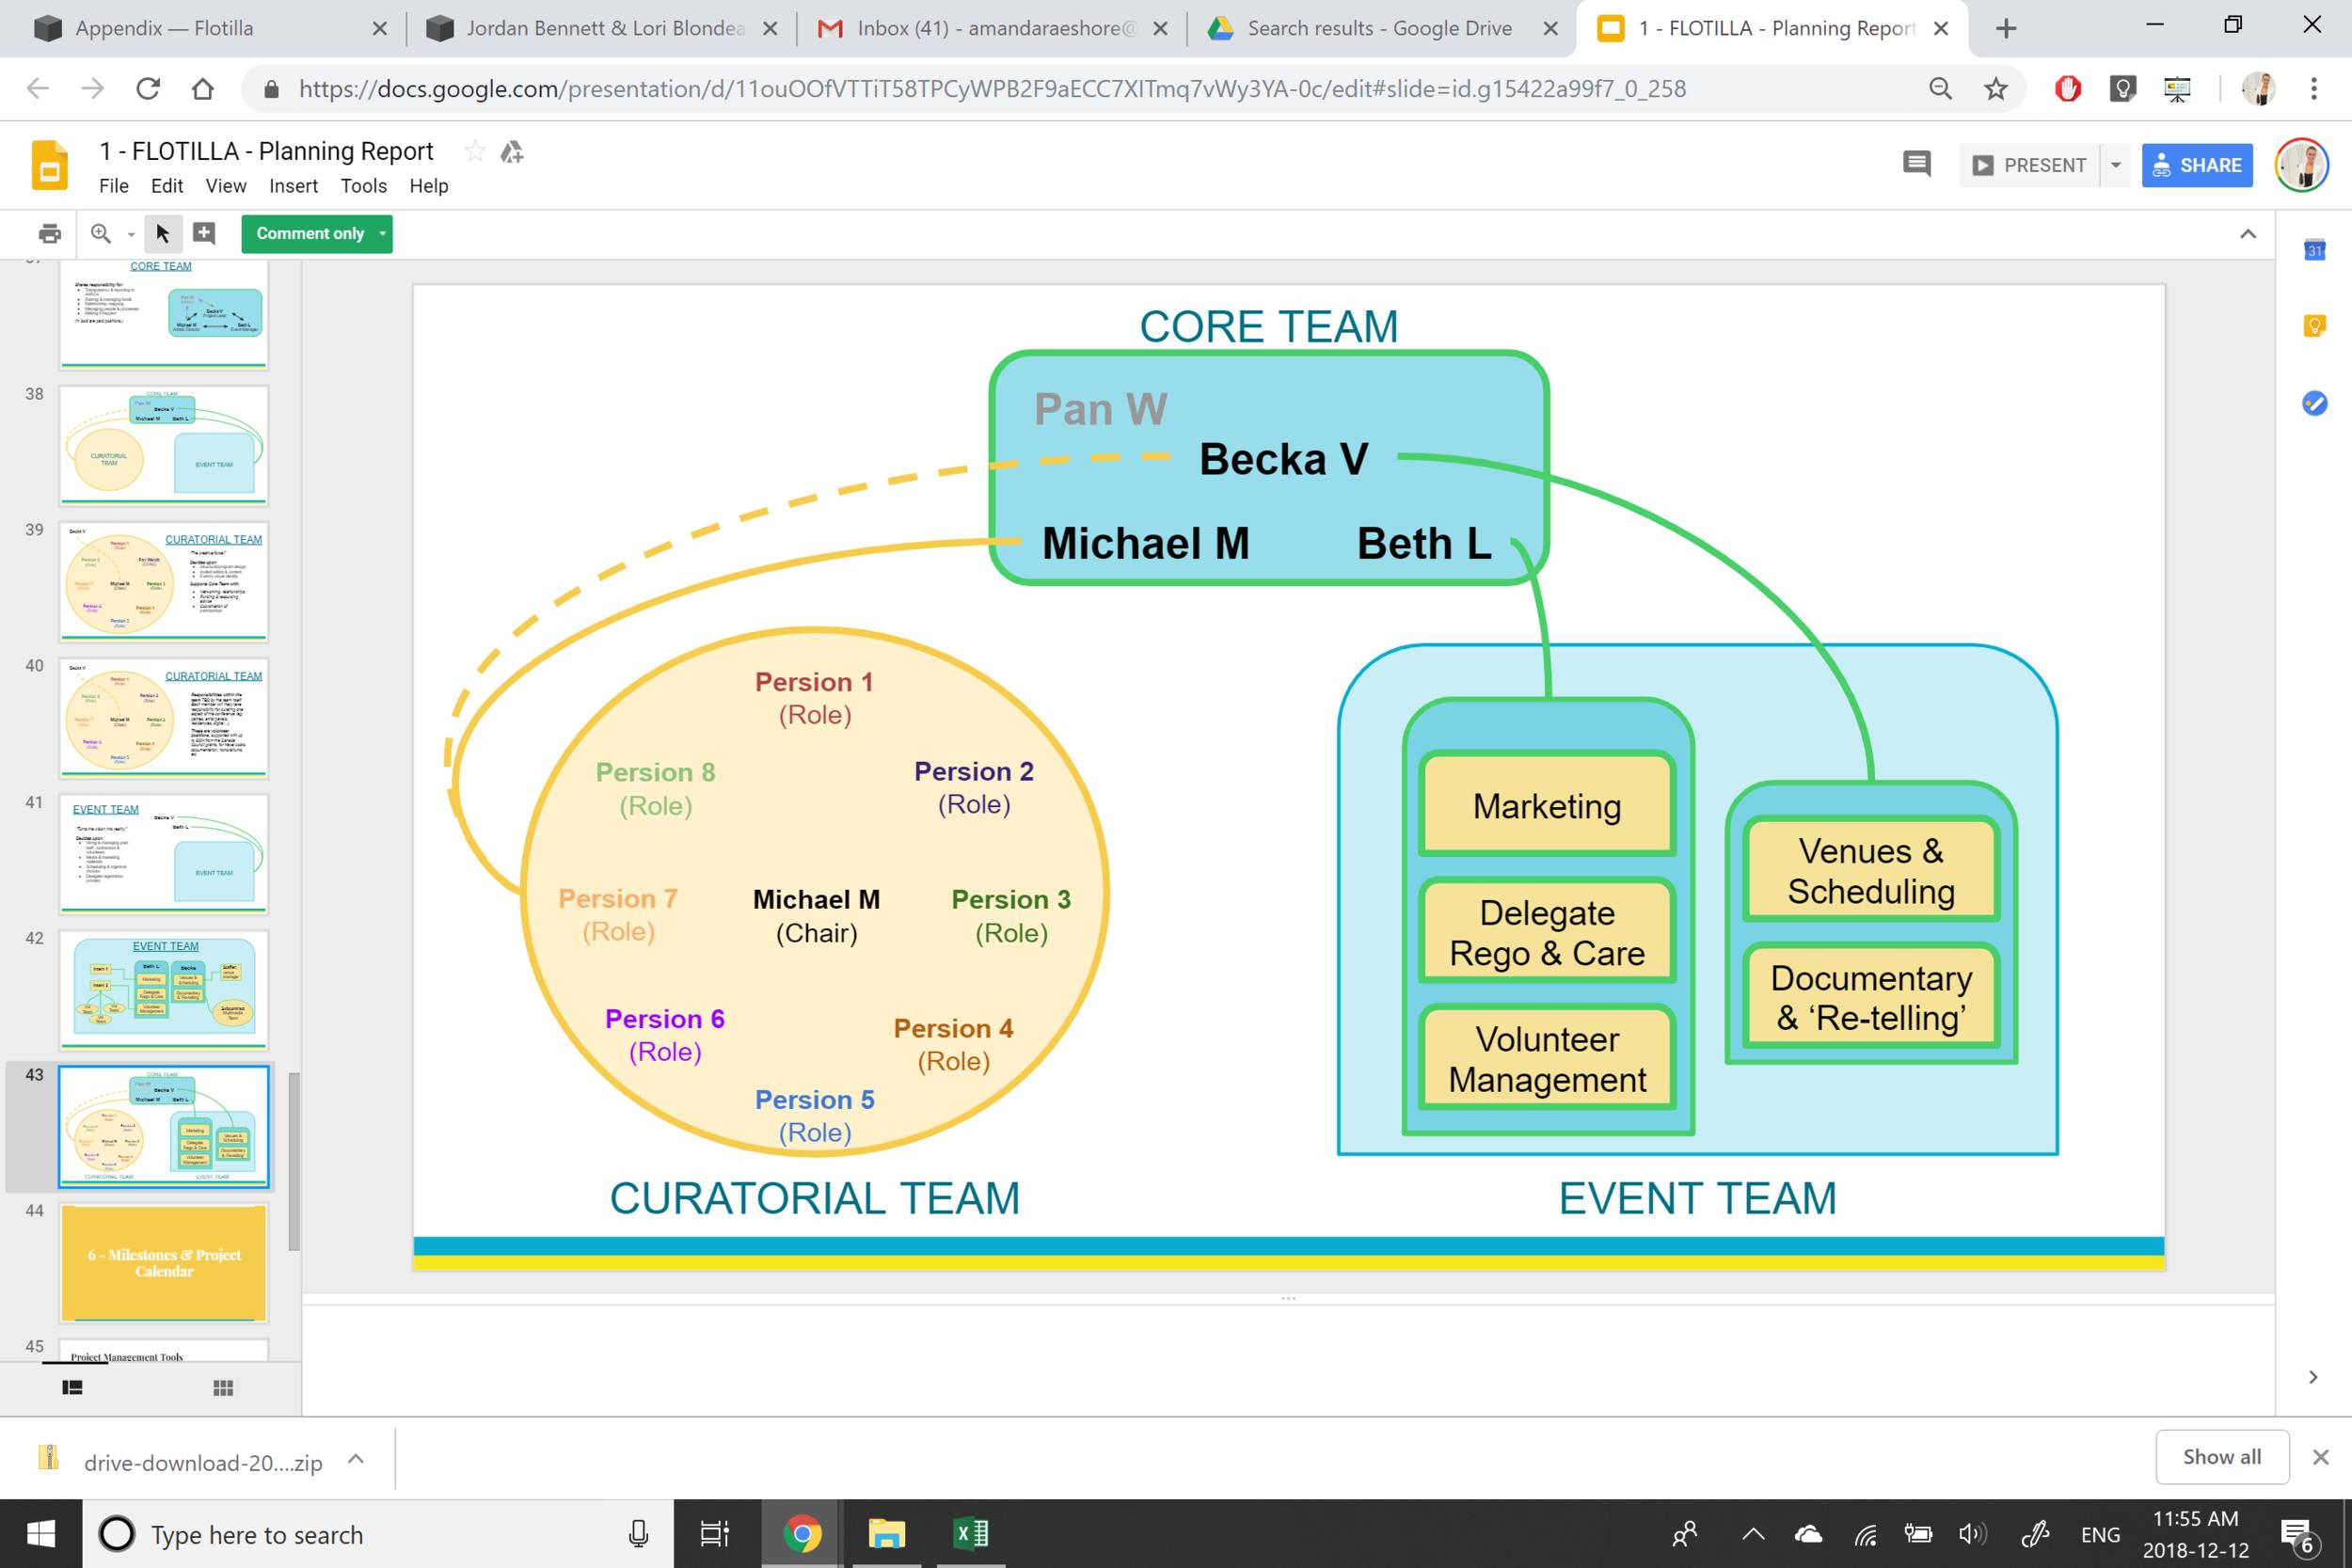 La structure initiale de l'équipe. Graphiques par Anna Keenan.